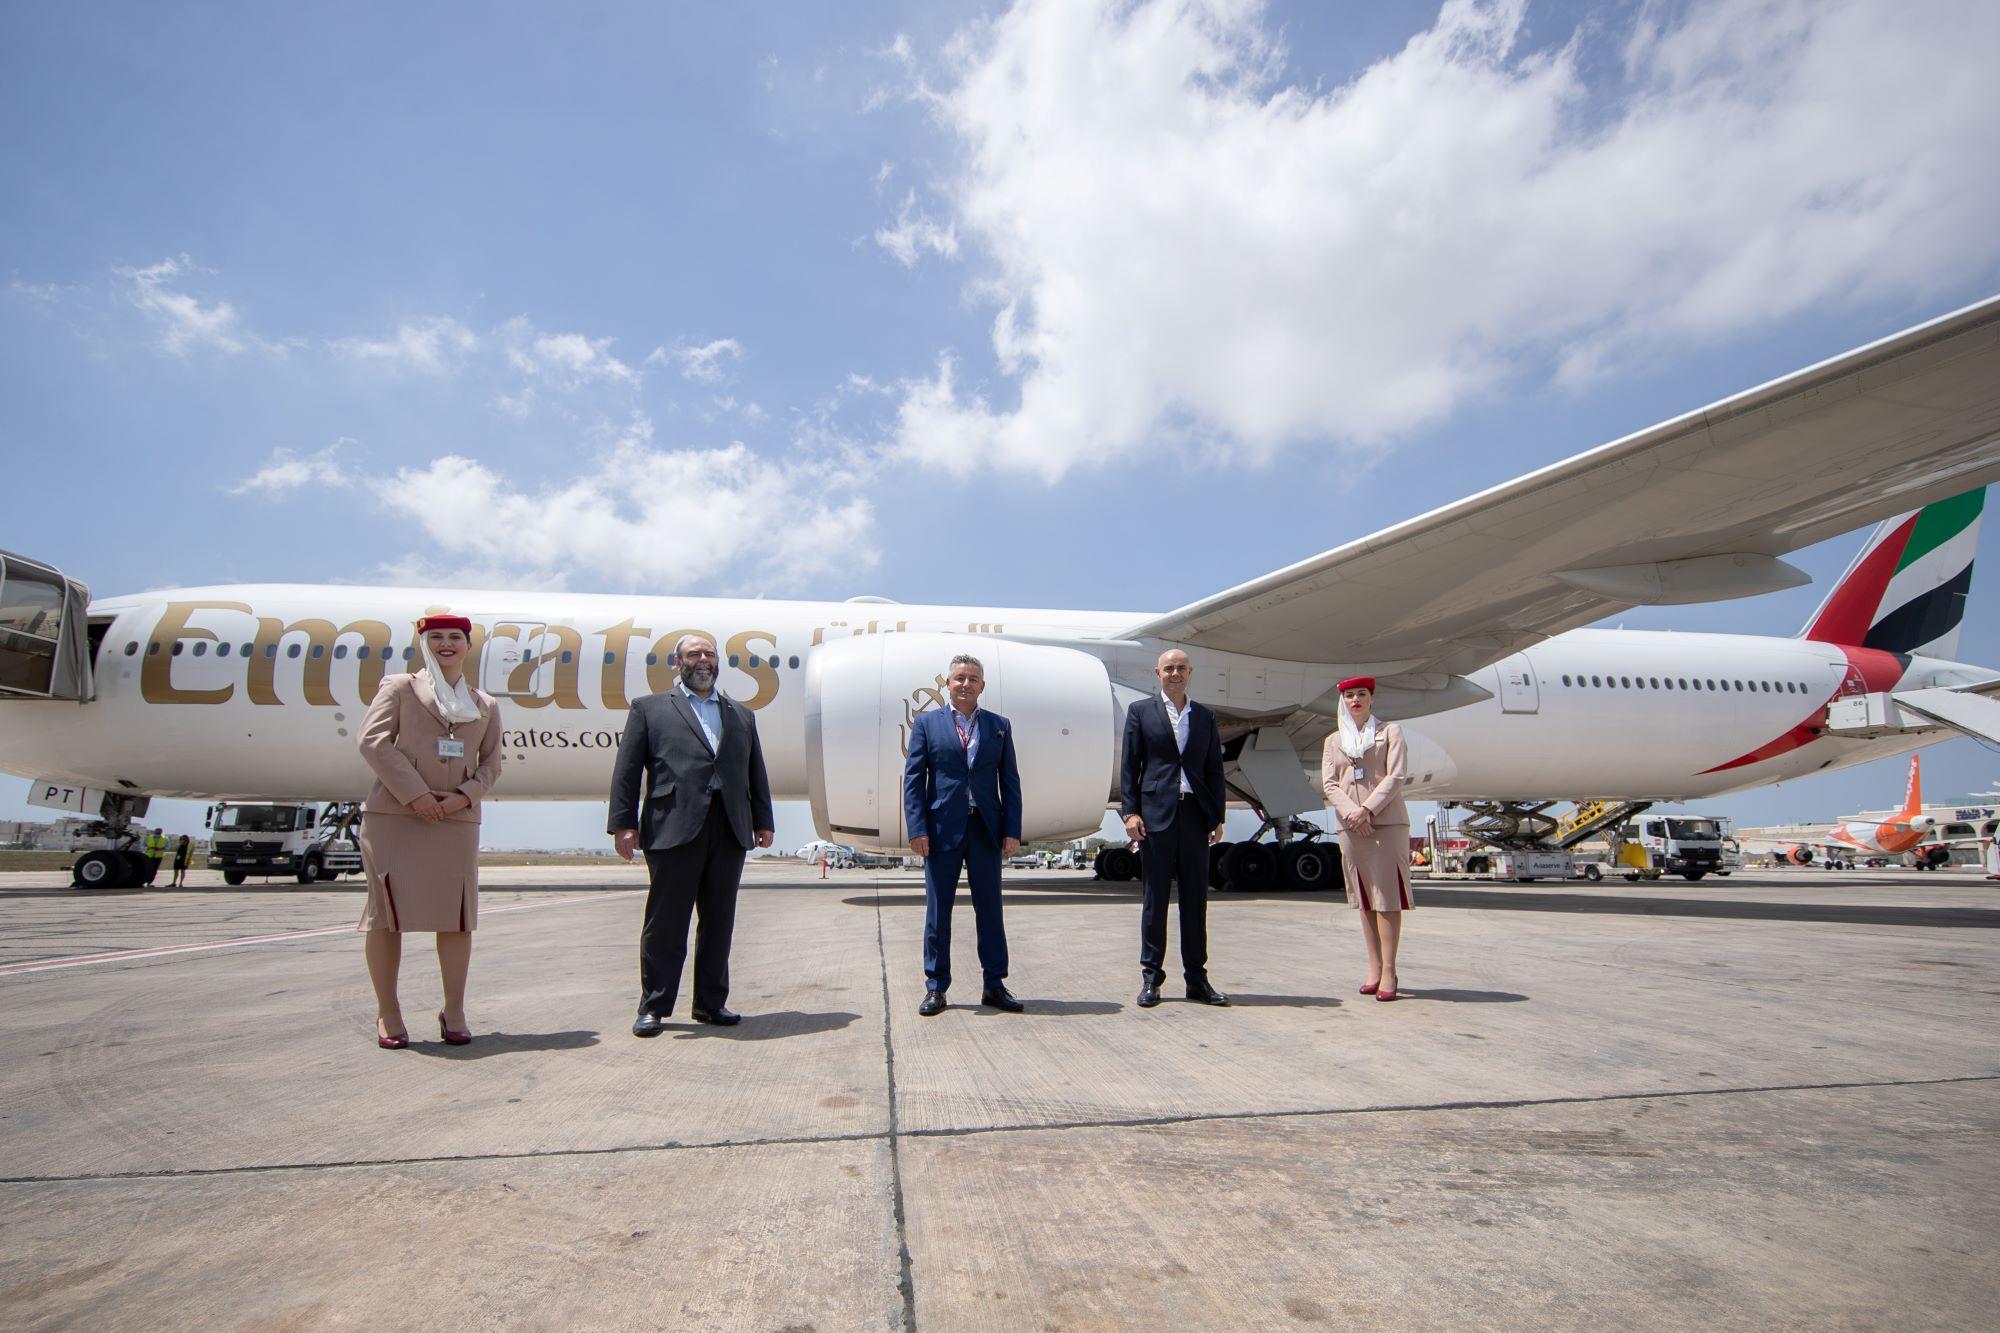 Emirates returns to Malta - pic